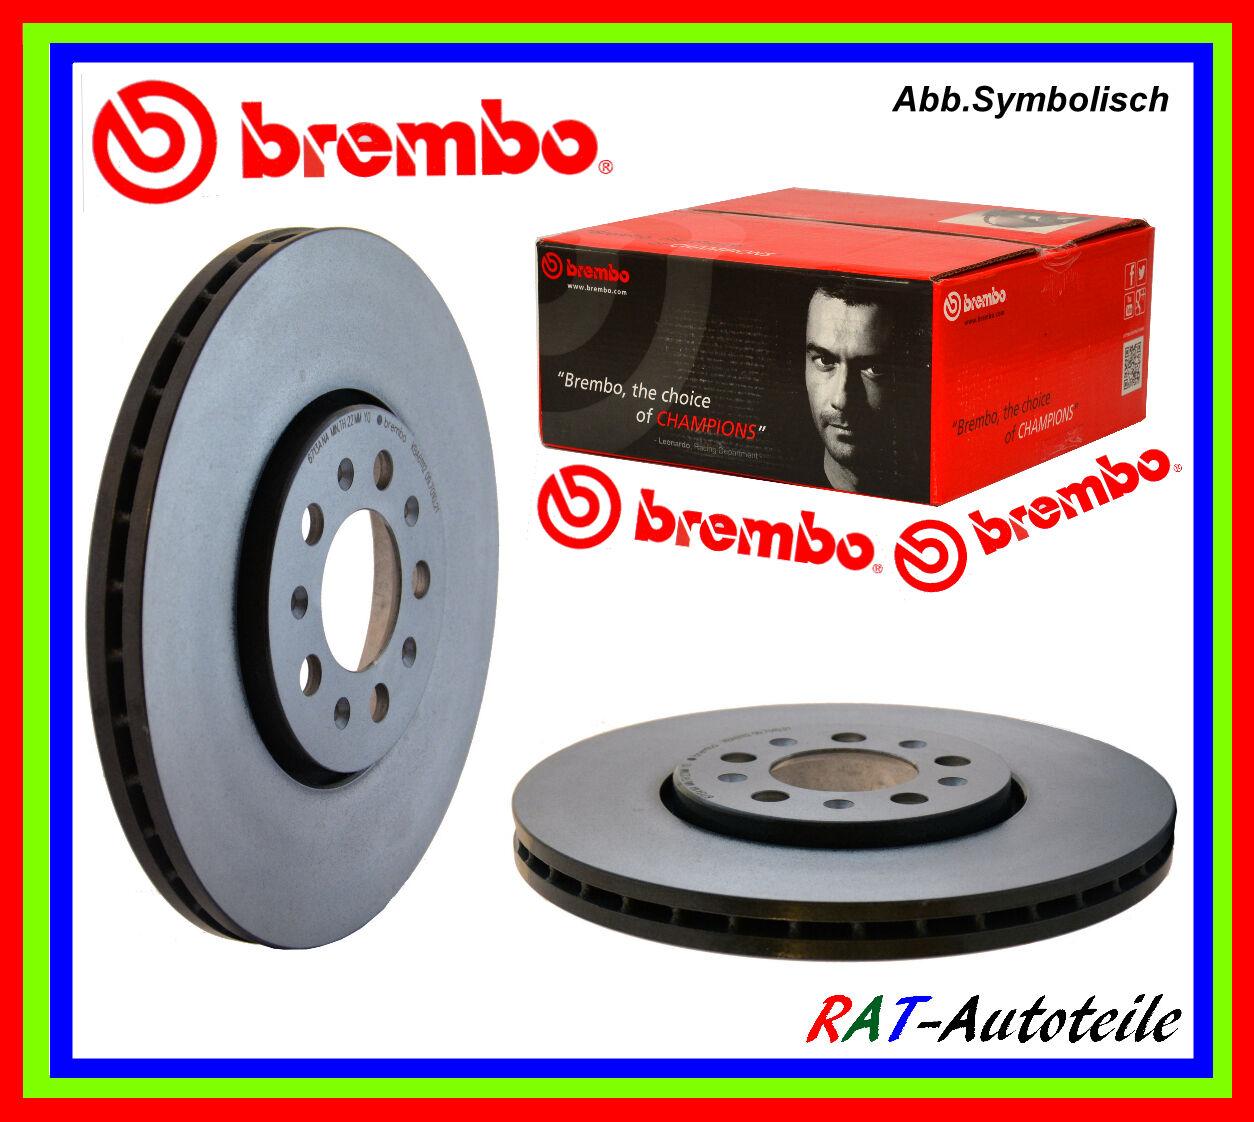 BREMBO Bremsscheiben beschichtet 09.4939.21 vorne Satz 2 Stück